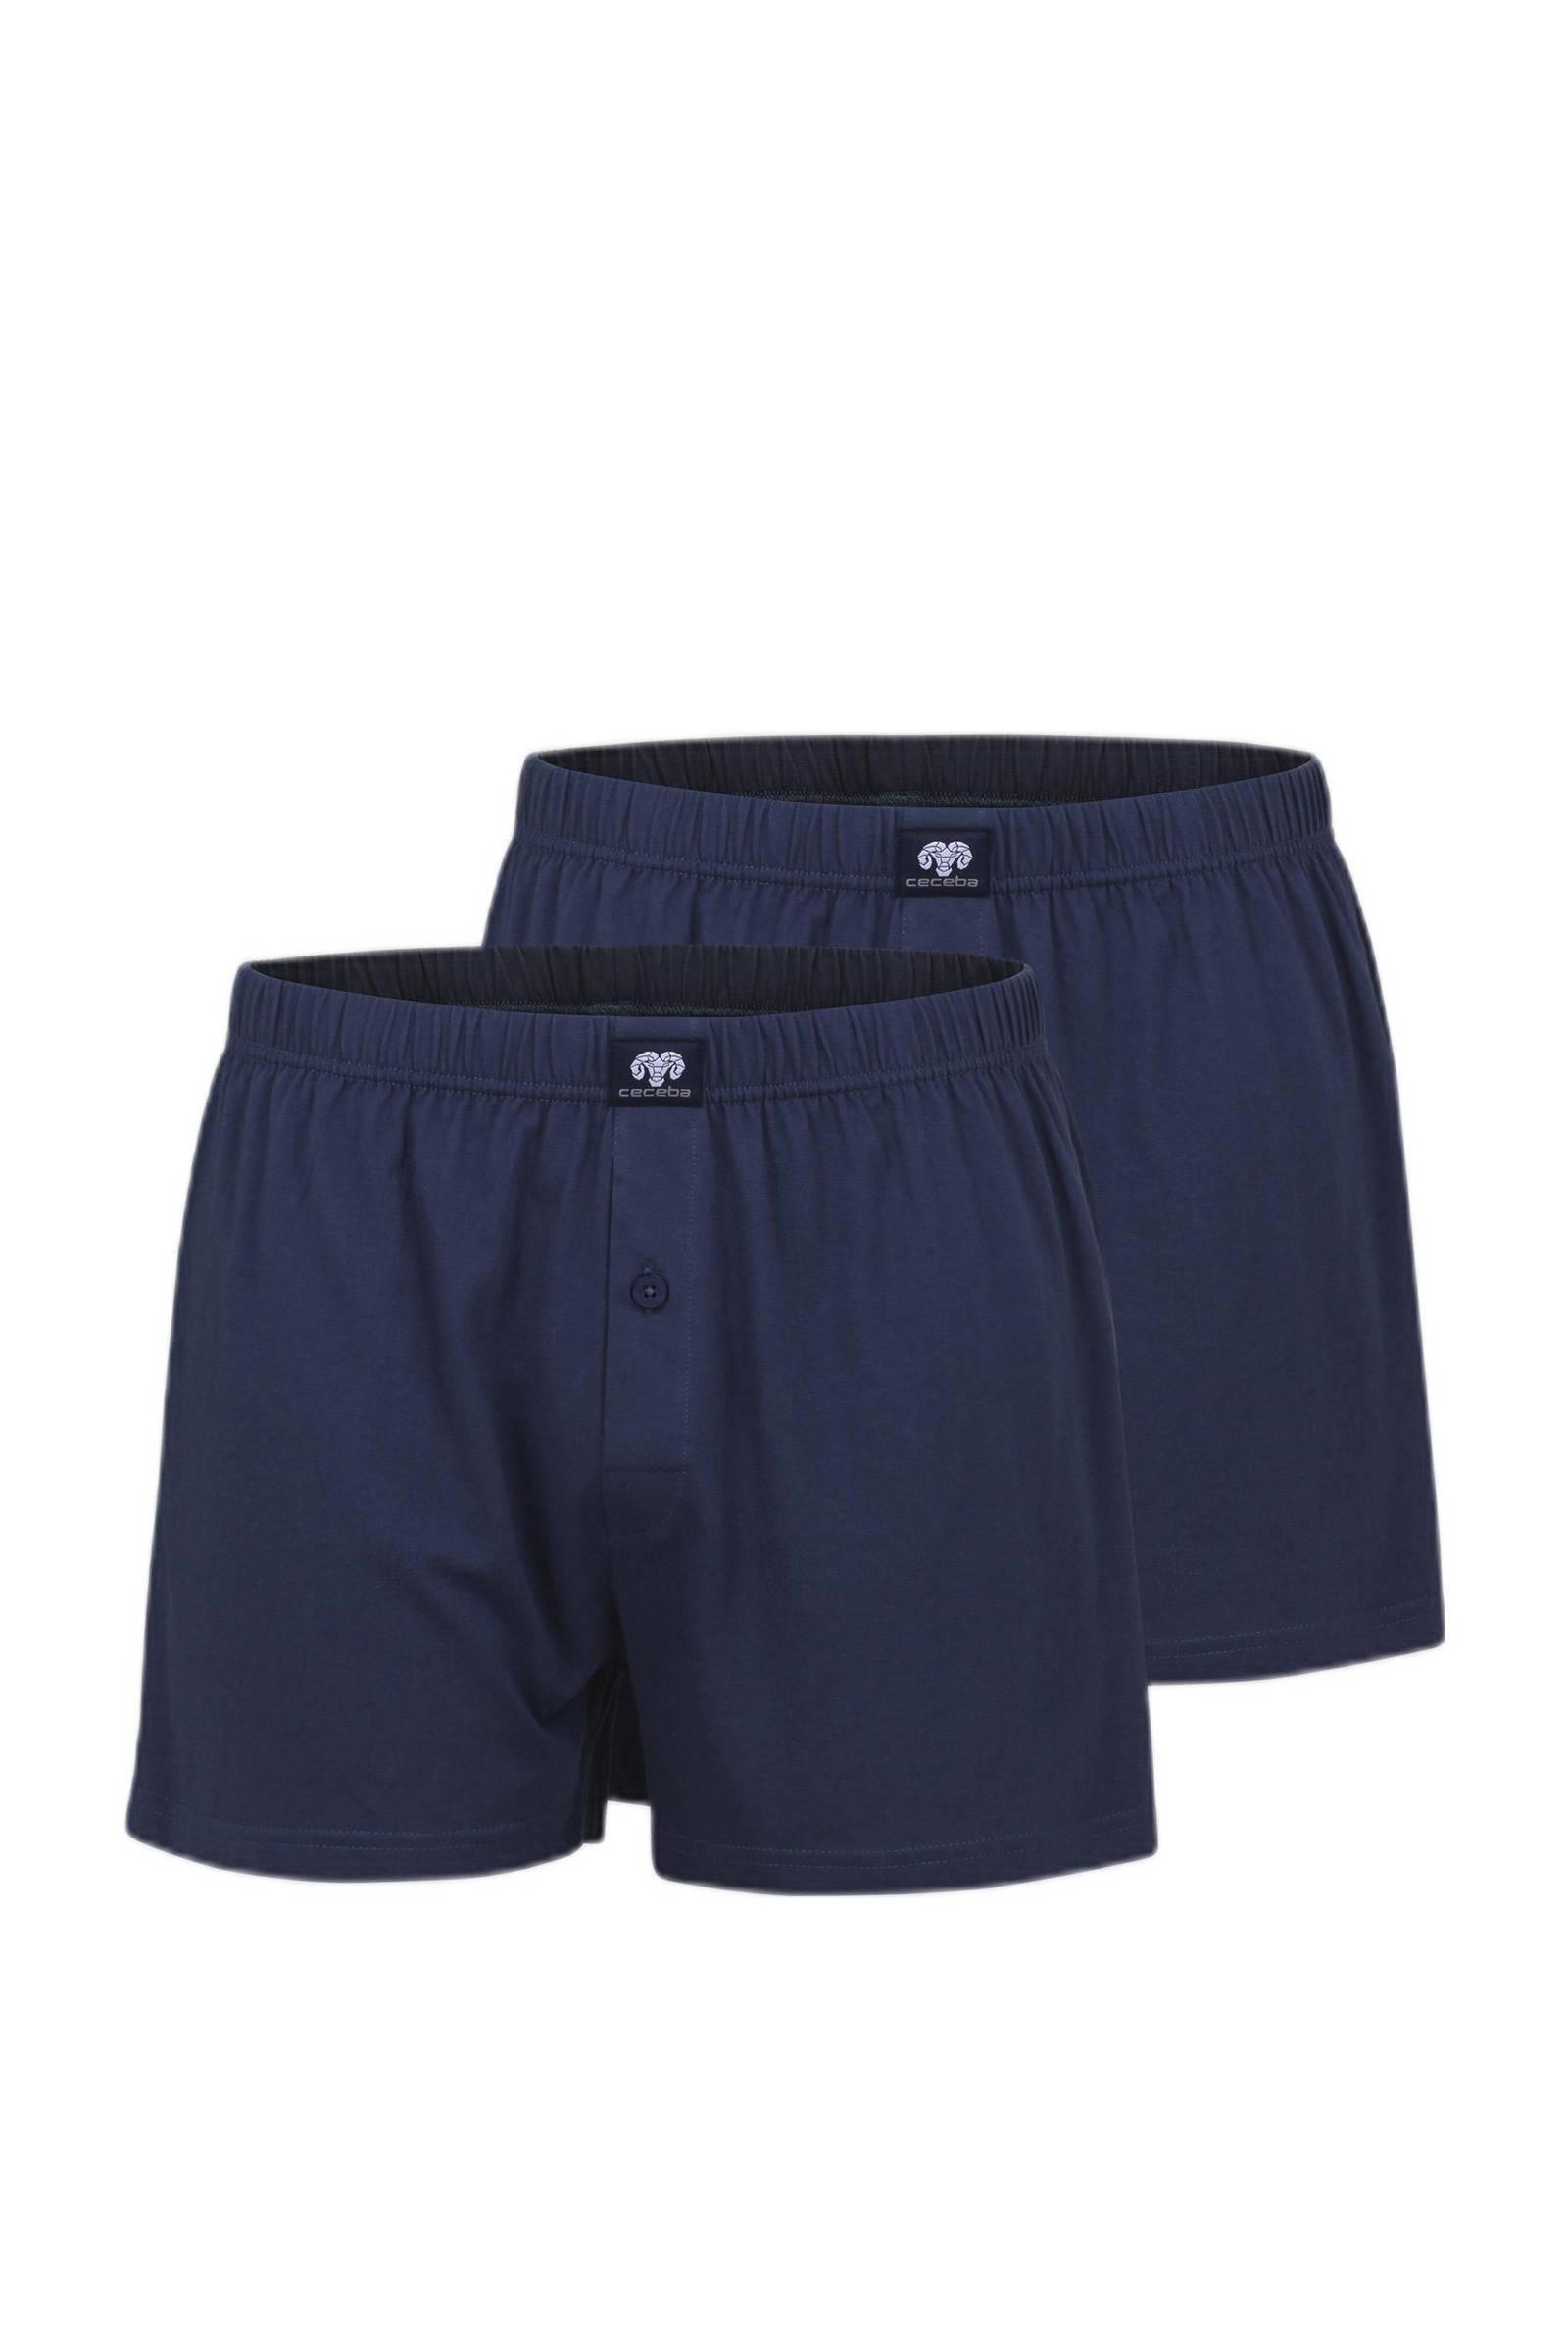 Ceceba +size boxershort (set van 2) (heren)